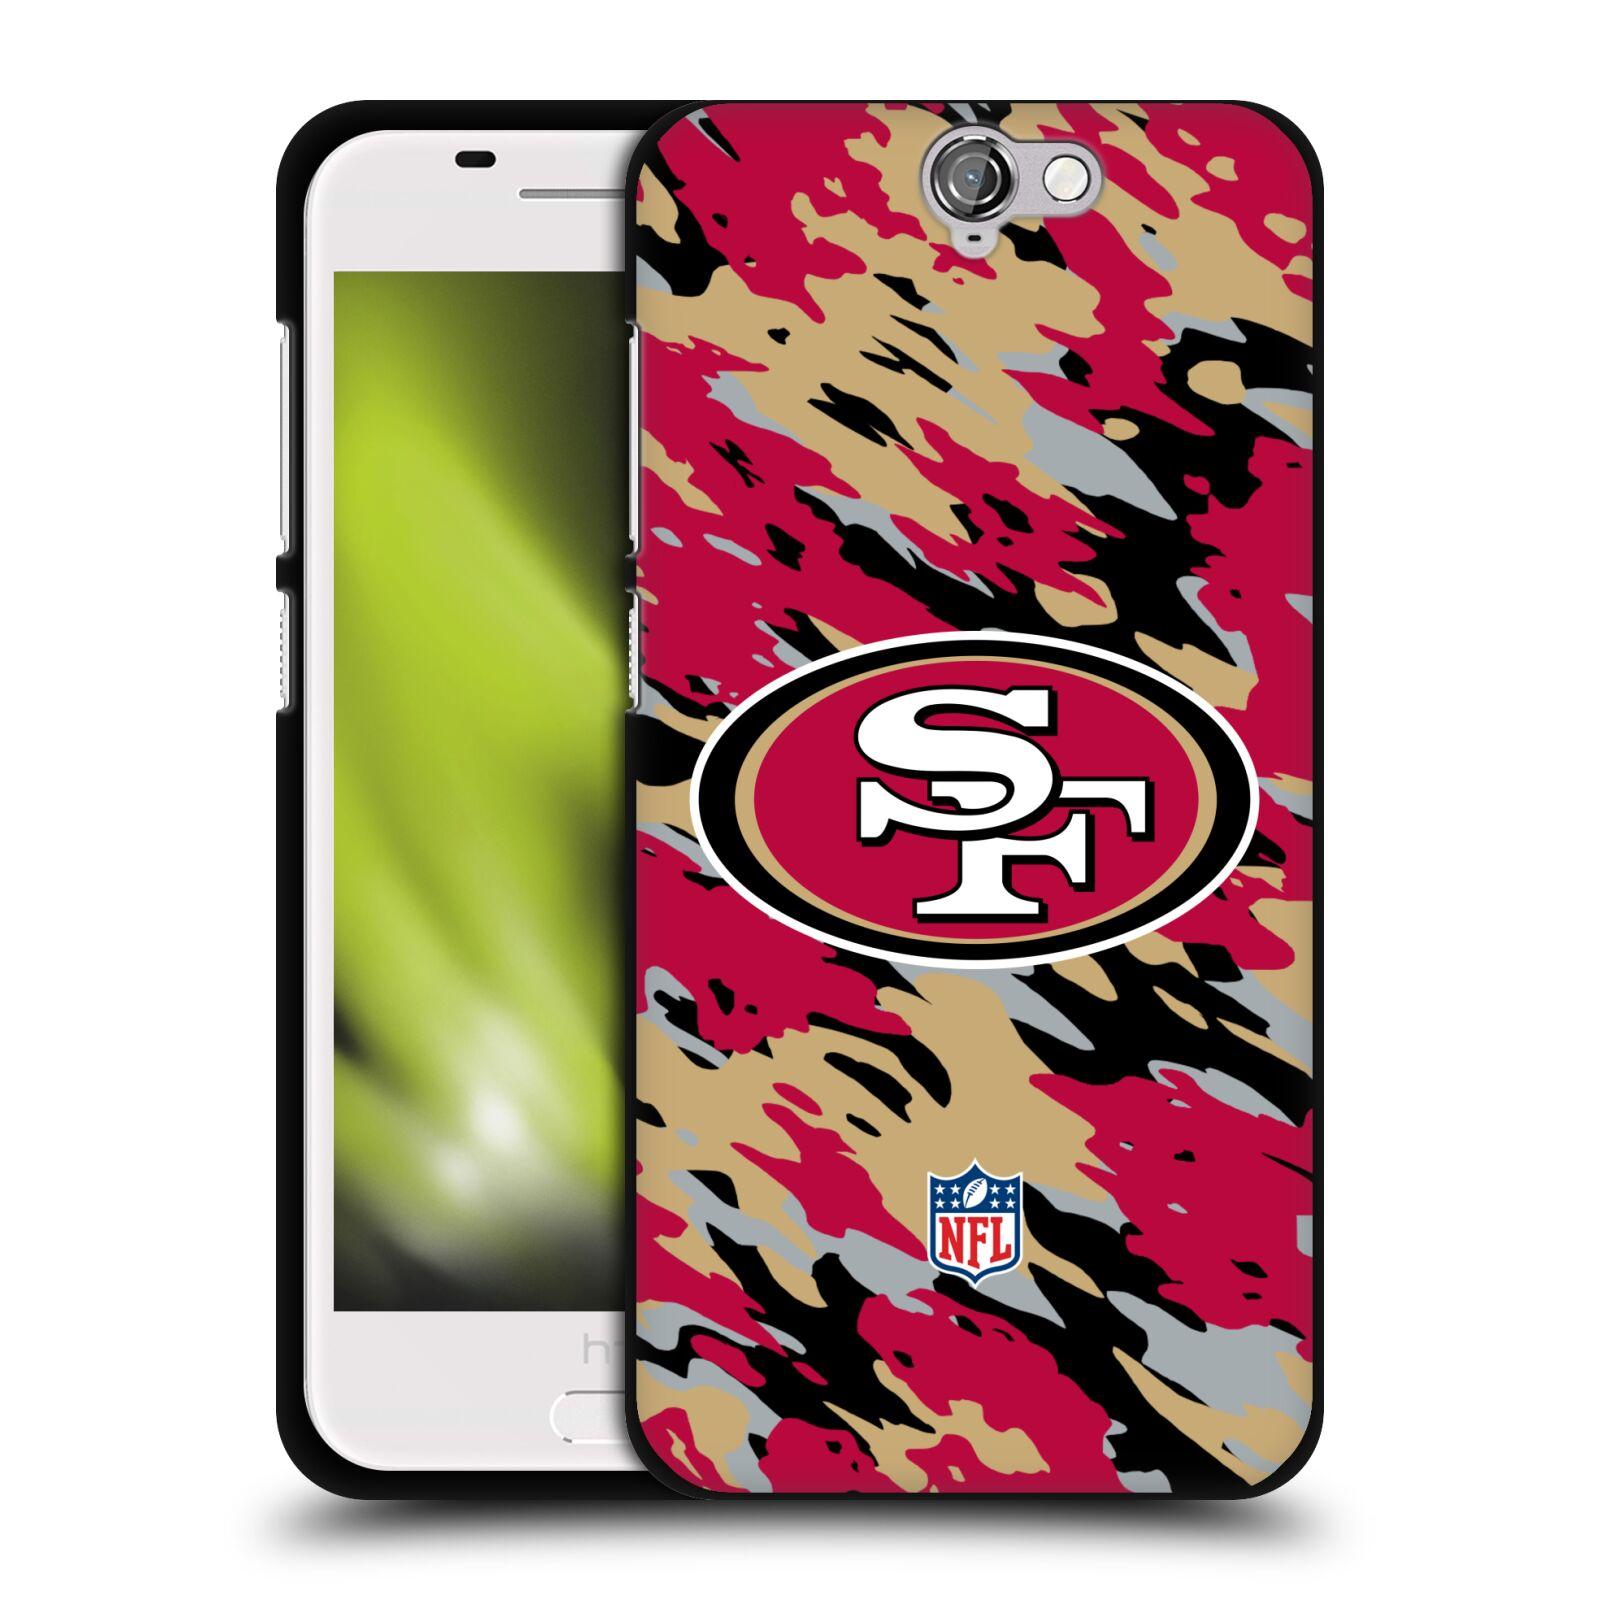 OFFICIAL-NFL-SAN-FRANCISCO-49ERS-LOGO-BLACK-SOFT-GEL-CASE-FOR-HTC-PHONES